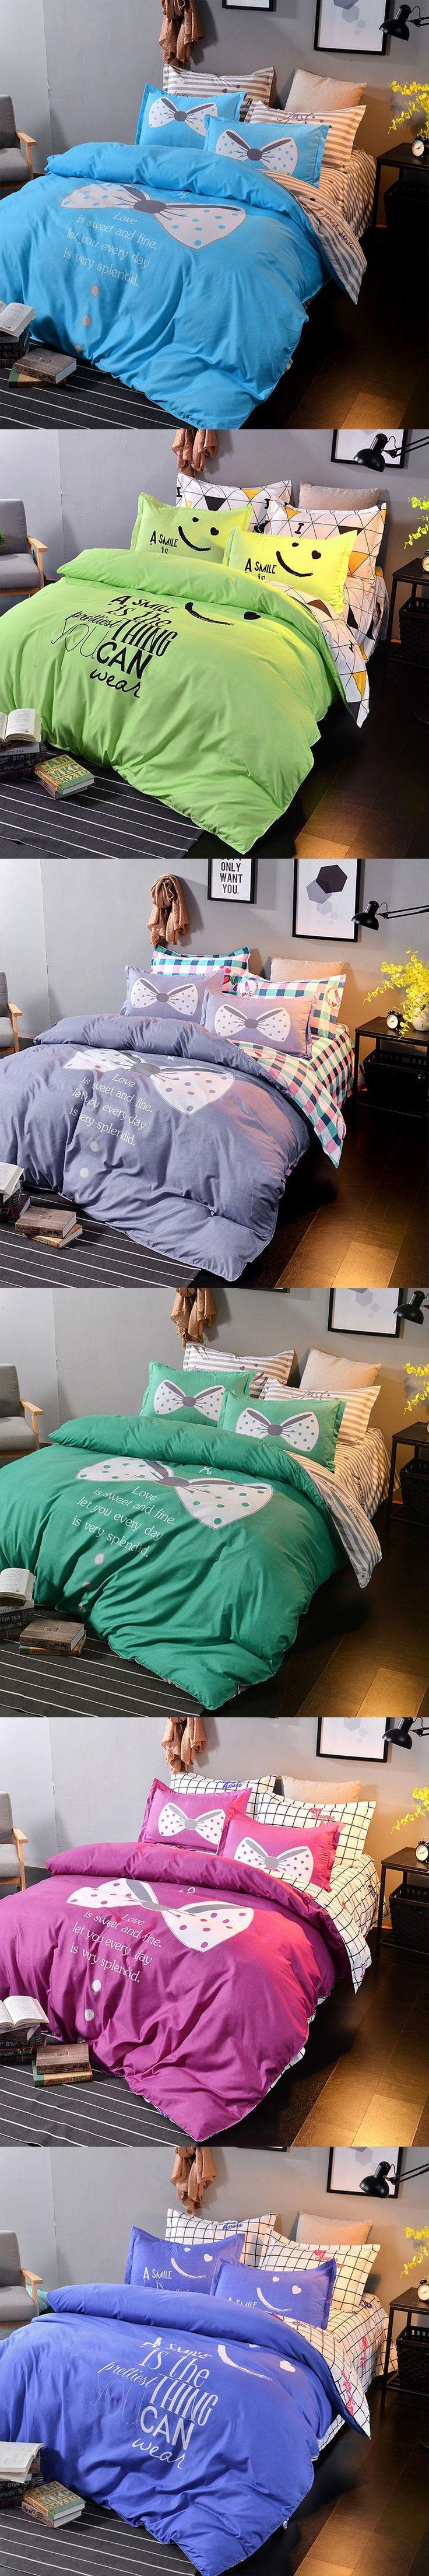 naturelife polyester soft bedding set cover bed sheet modern bedding sets flower printed bed duvet cover